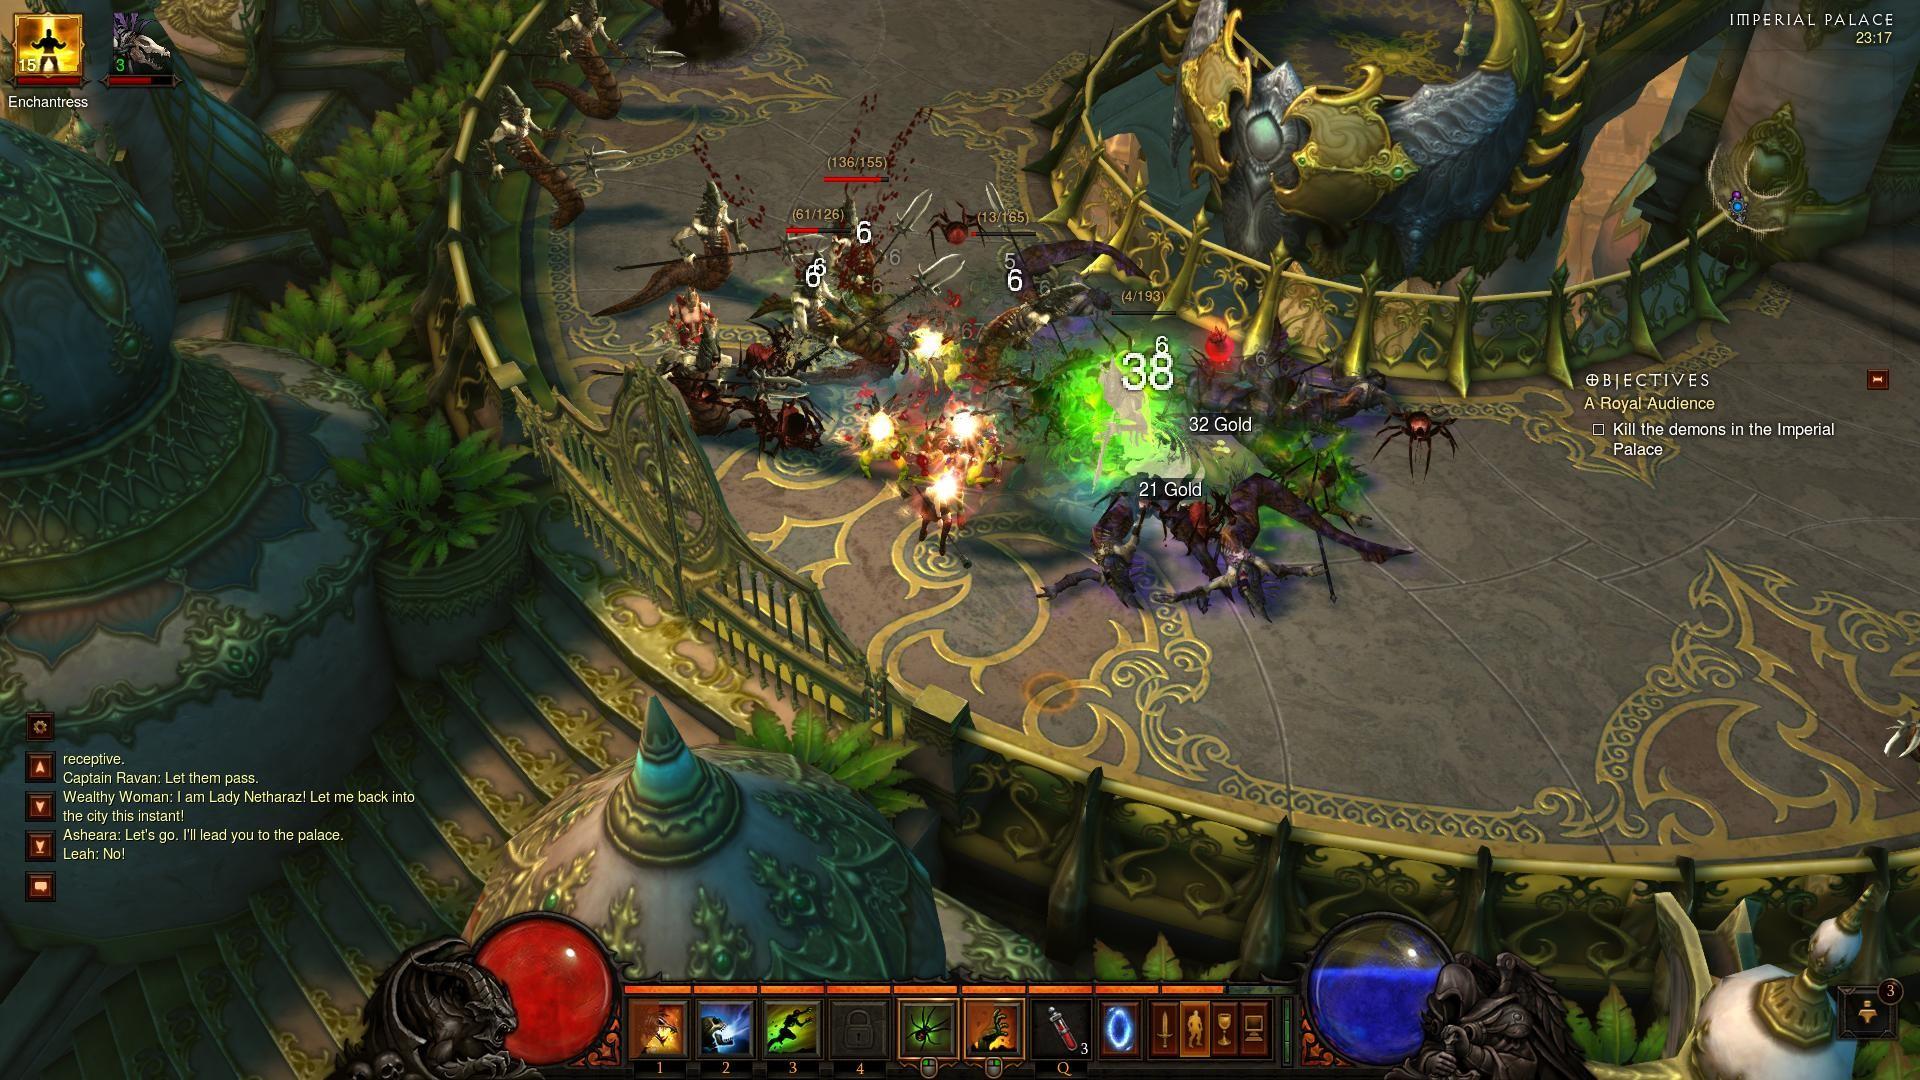 Výsledek obrázku pro Diablo III